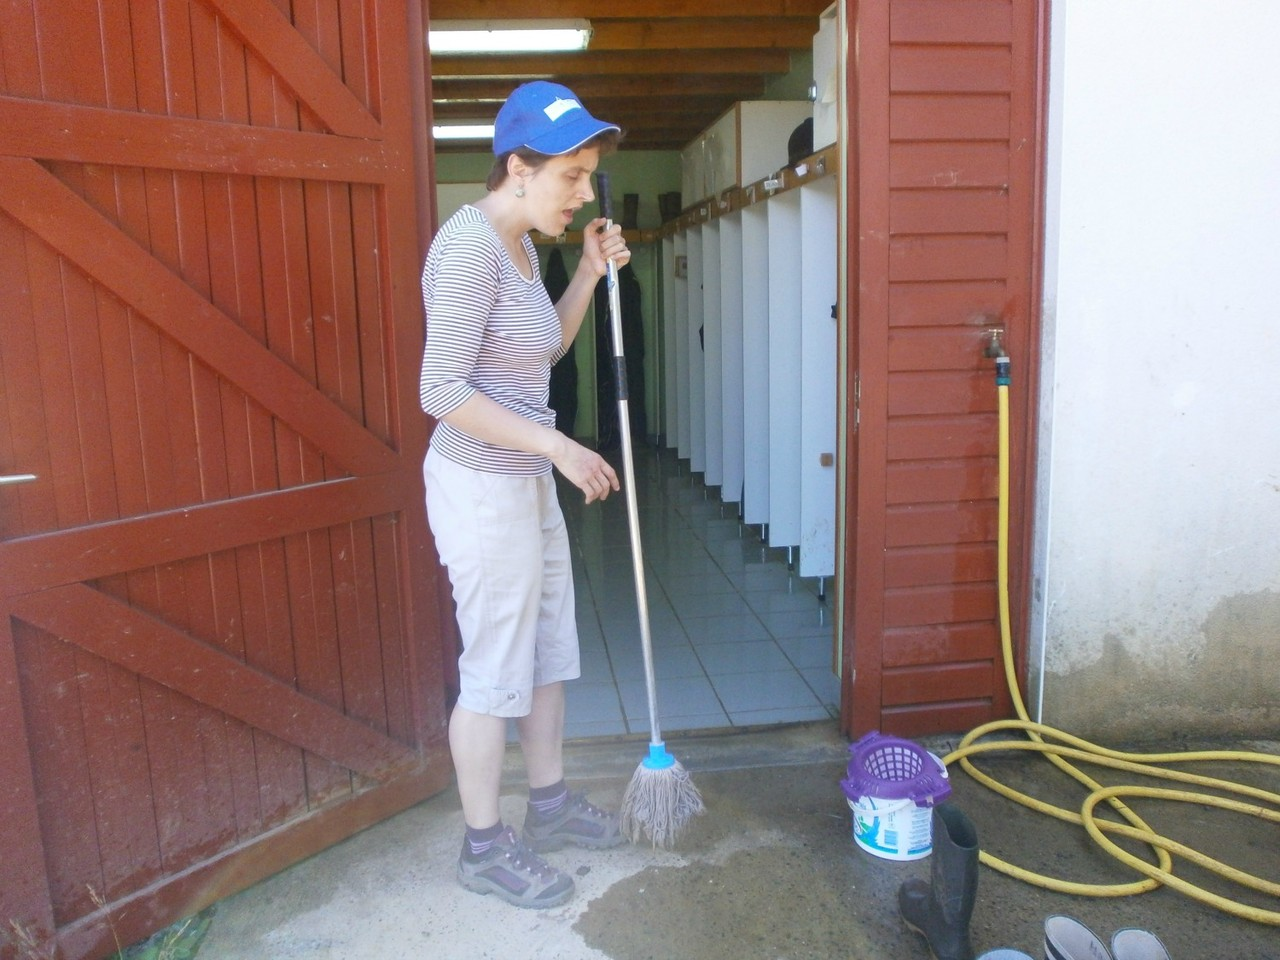 Le nettoyage des vestiaires de la ferme: chaque fin de semaine, une tâche utile et responsabilisante.